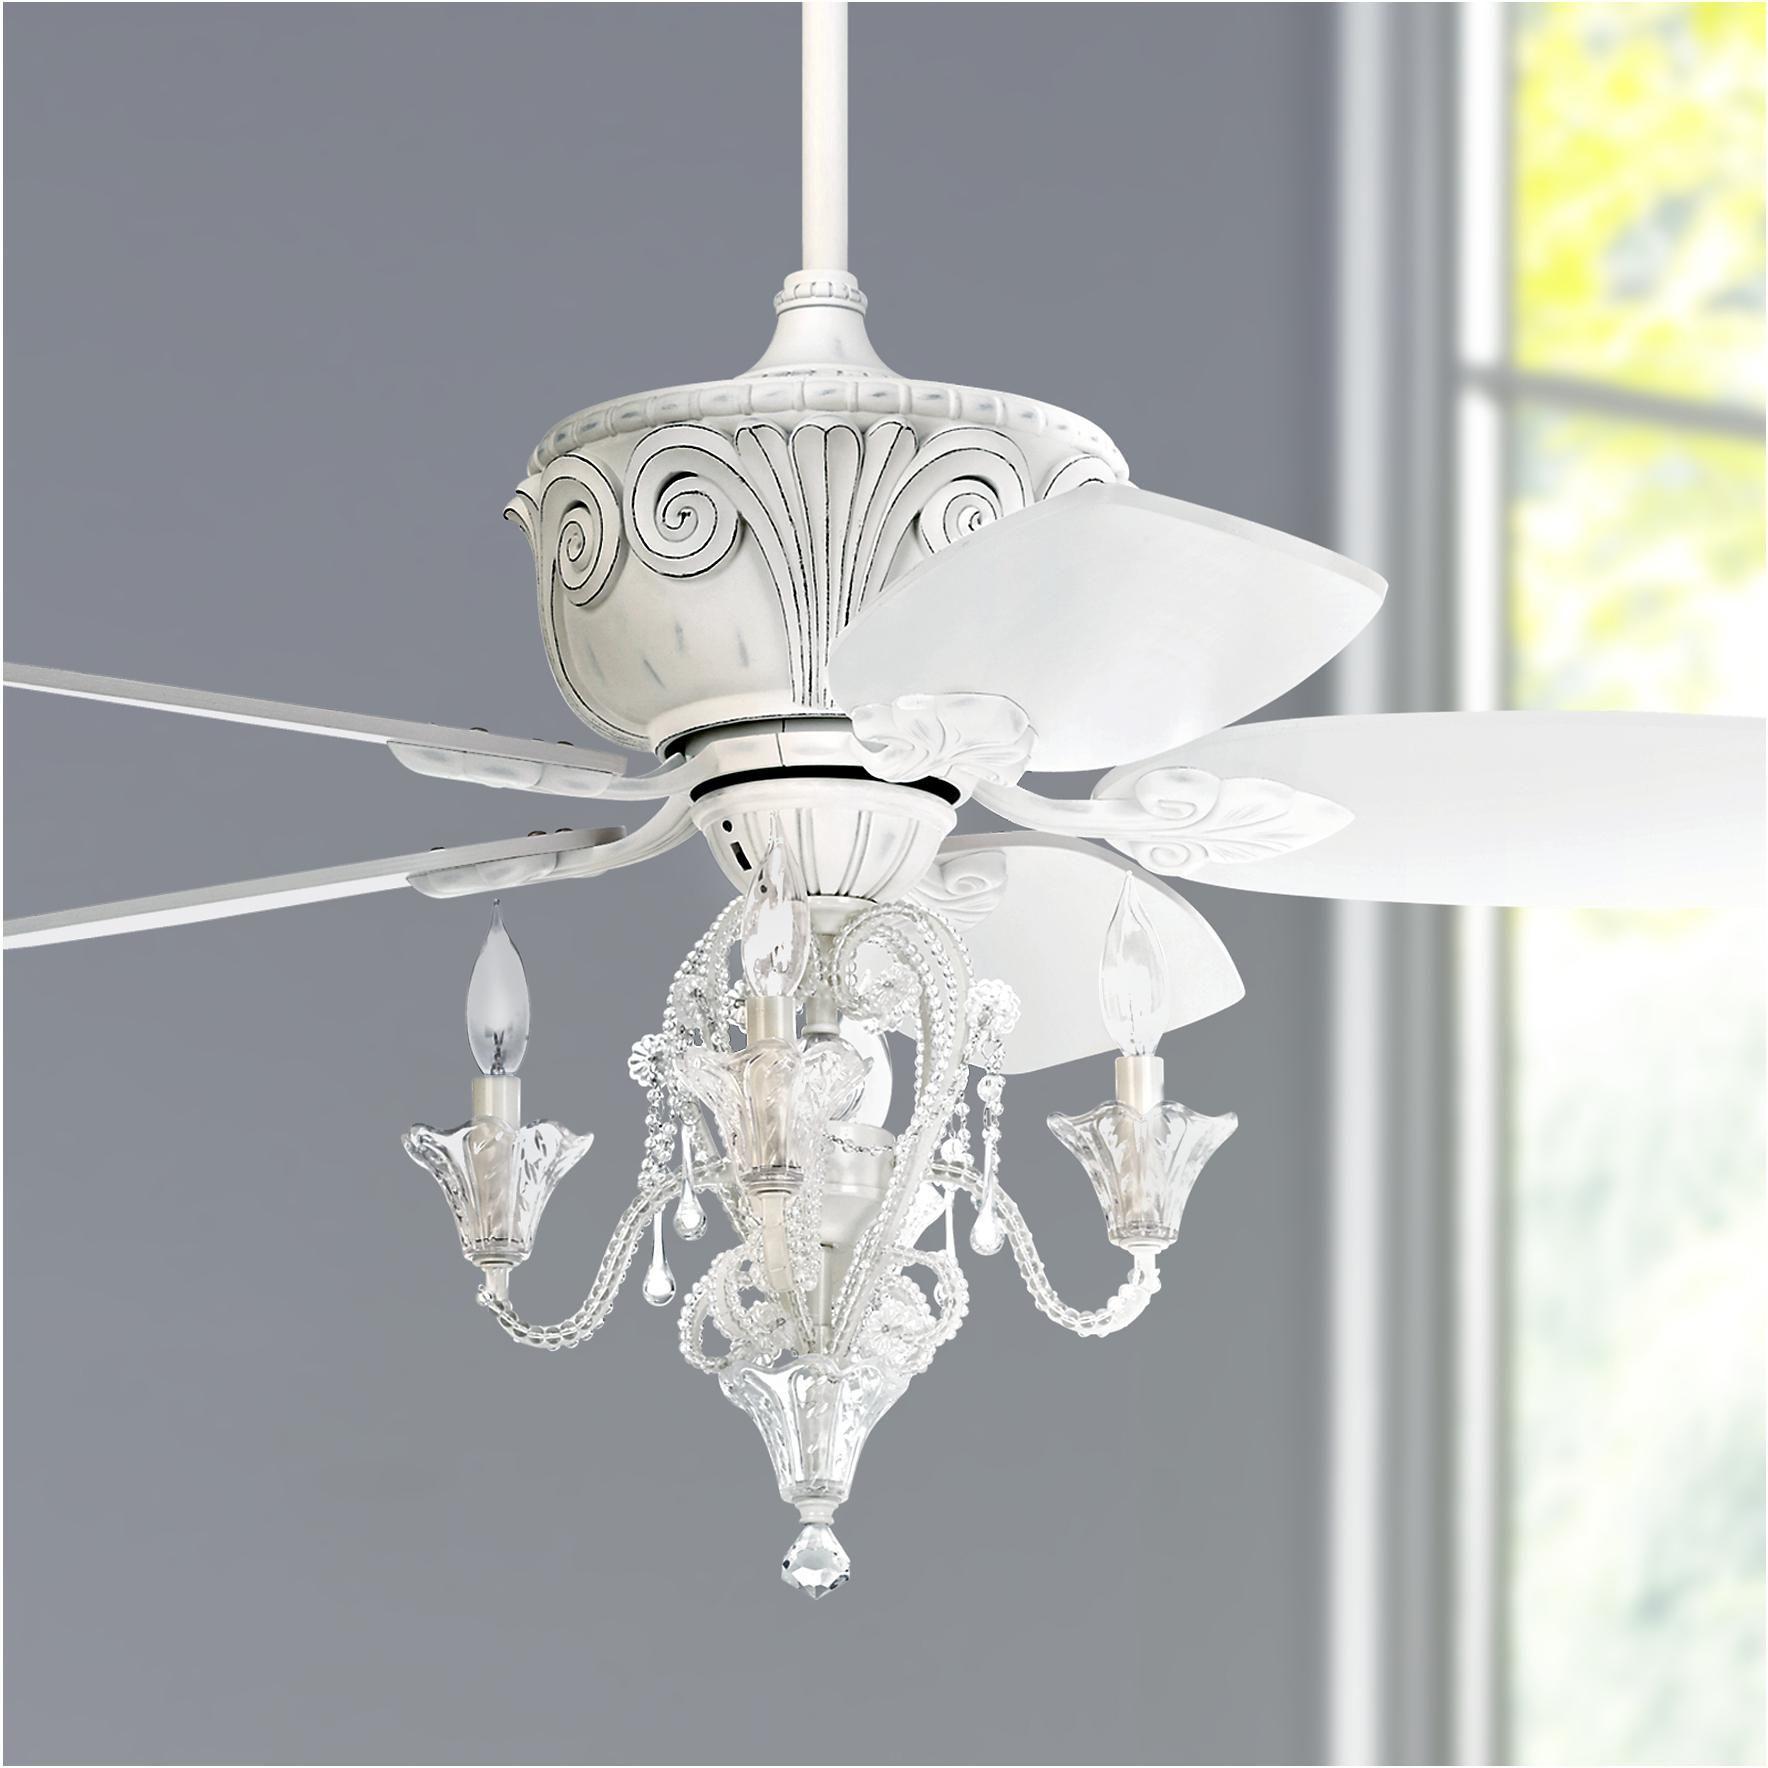 Ceiling Fans 44 Casa Deville Antique White Led Ceiling Fan Ceiling Fan With Light White Ceiling Fan Ceiling Fan Chandelier